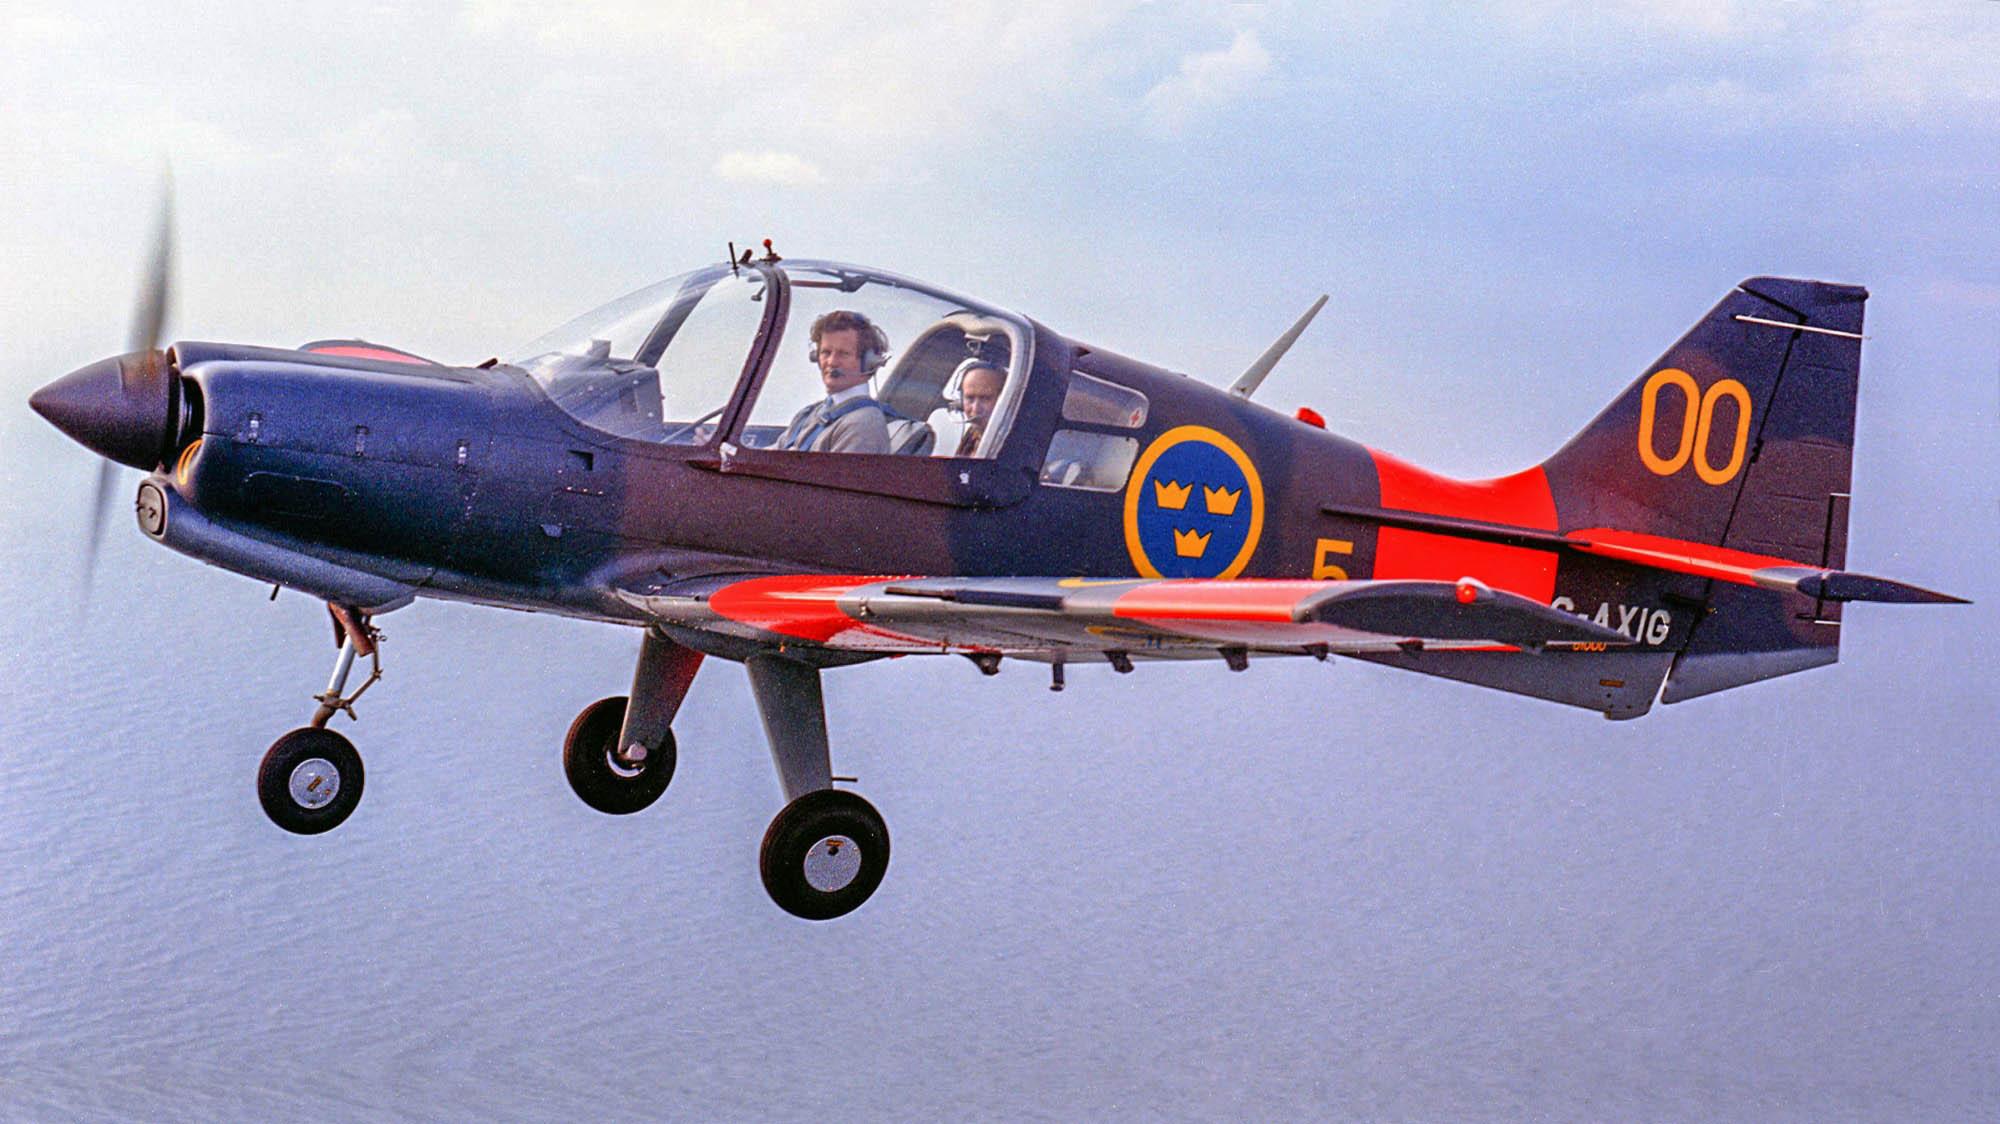 Scottish Aviation Bulldog G-AXIG